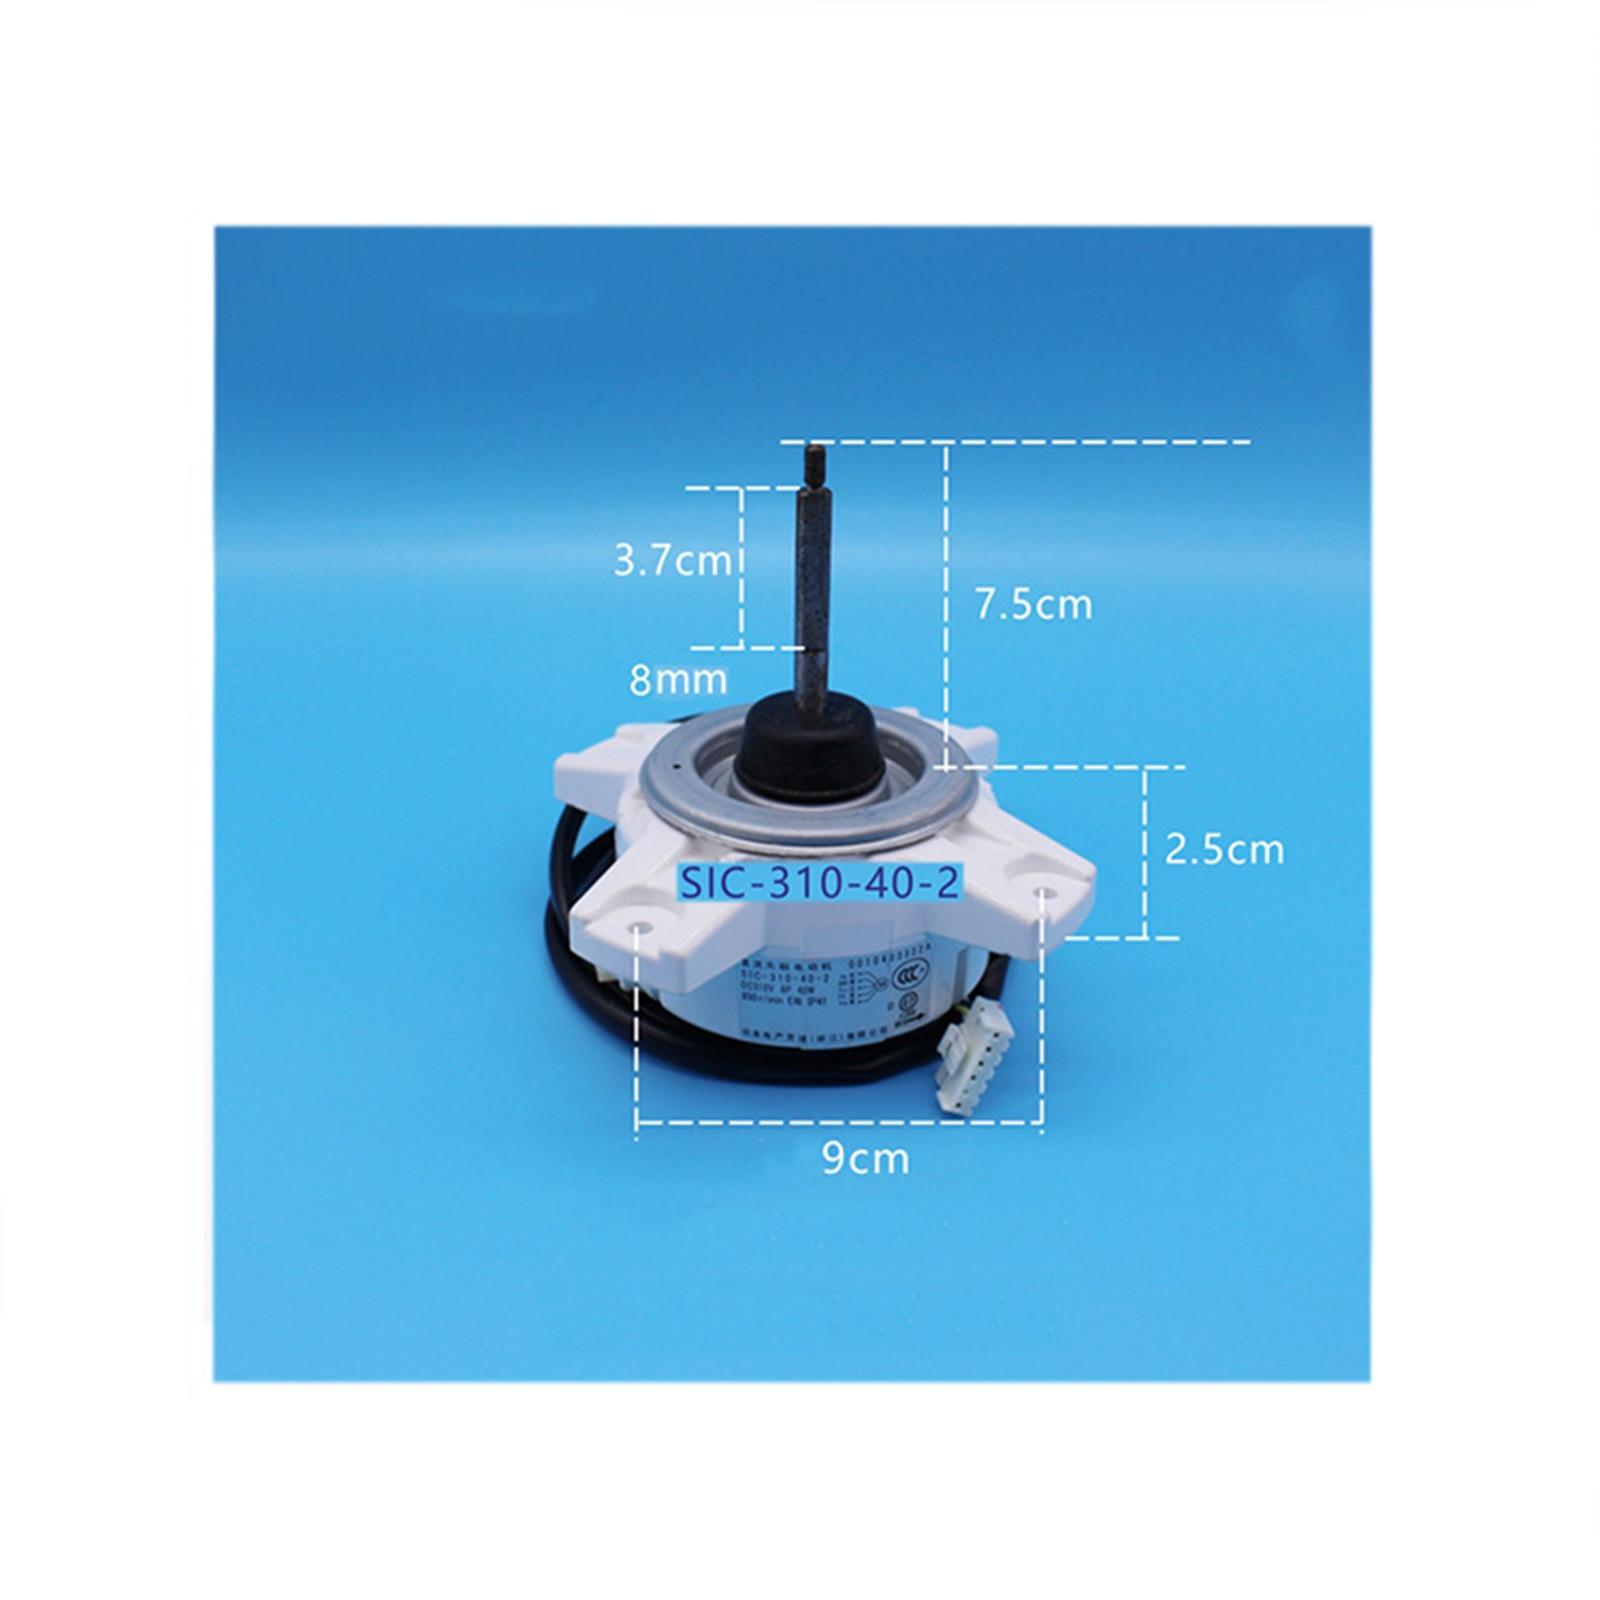 Motor de ventilador dc original, para panasonic motor de ar condicionado sem escova sic-310-40-2 40w 310v v v